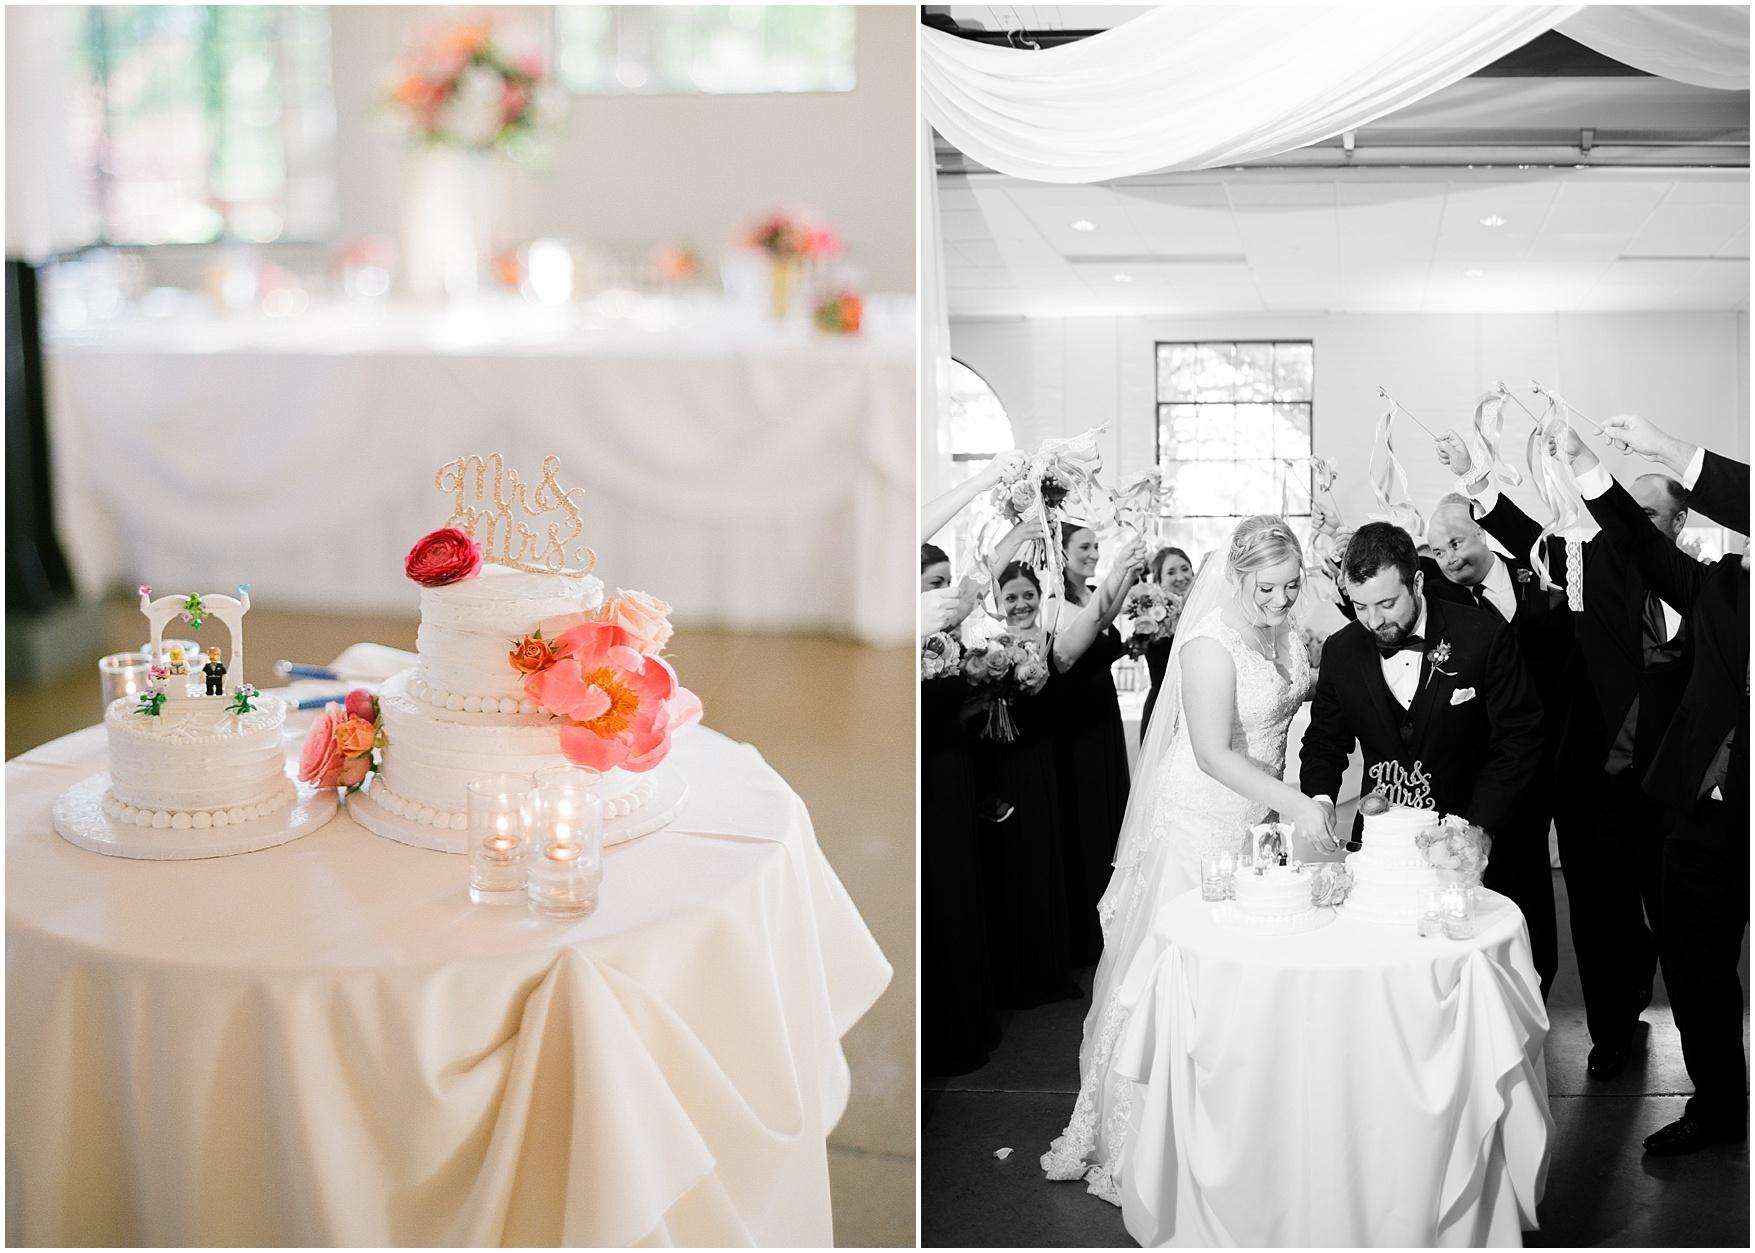 wedding photography st louis_lauren muckler photography_film photographer_film wedding_0183.jpg